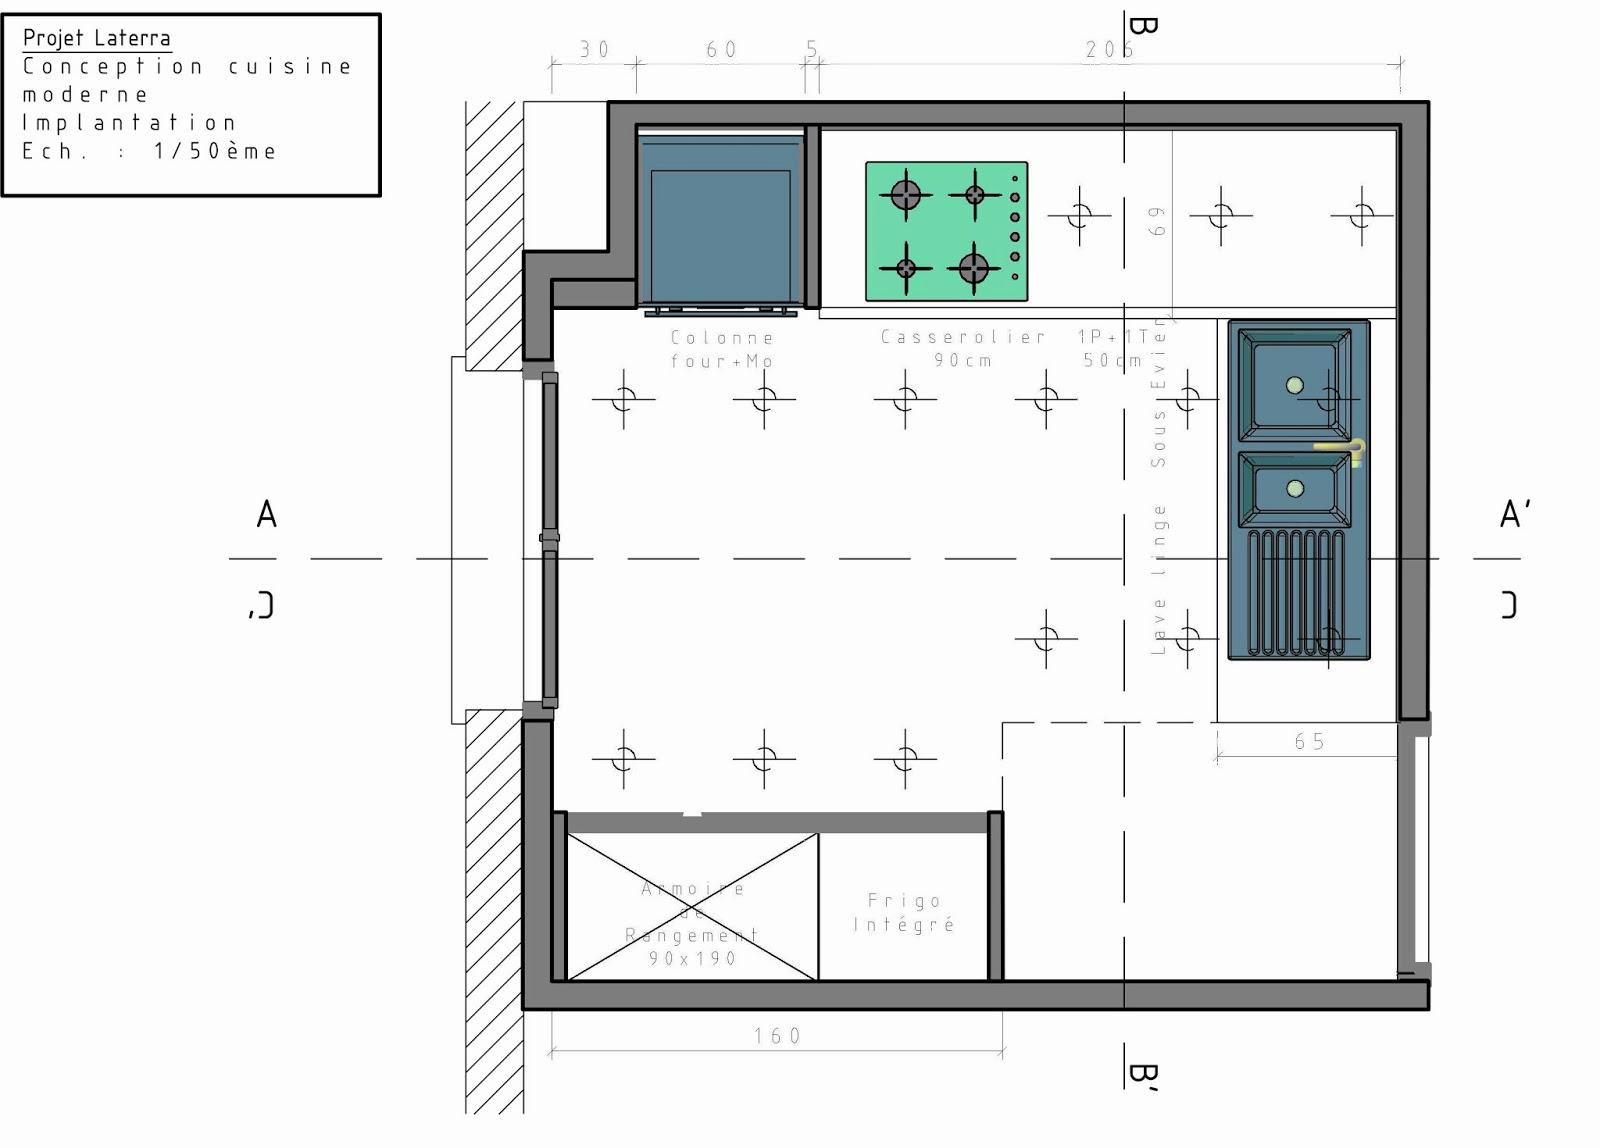 Etude et conception 3d cuisine for Cuisine 3d autocad